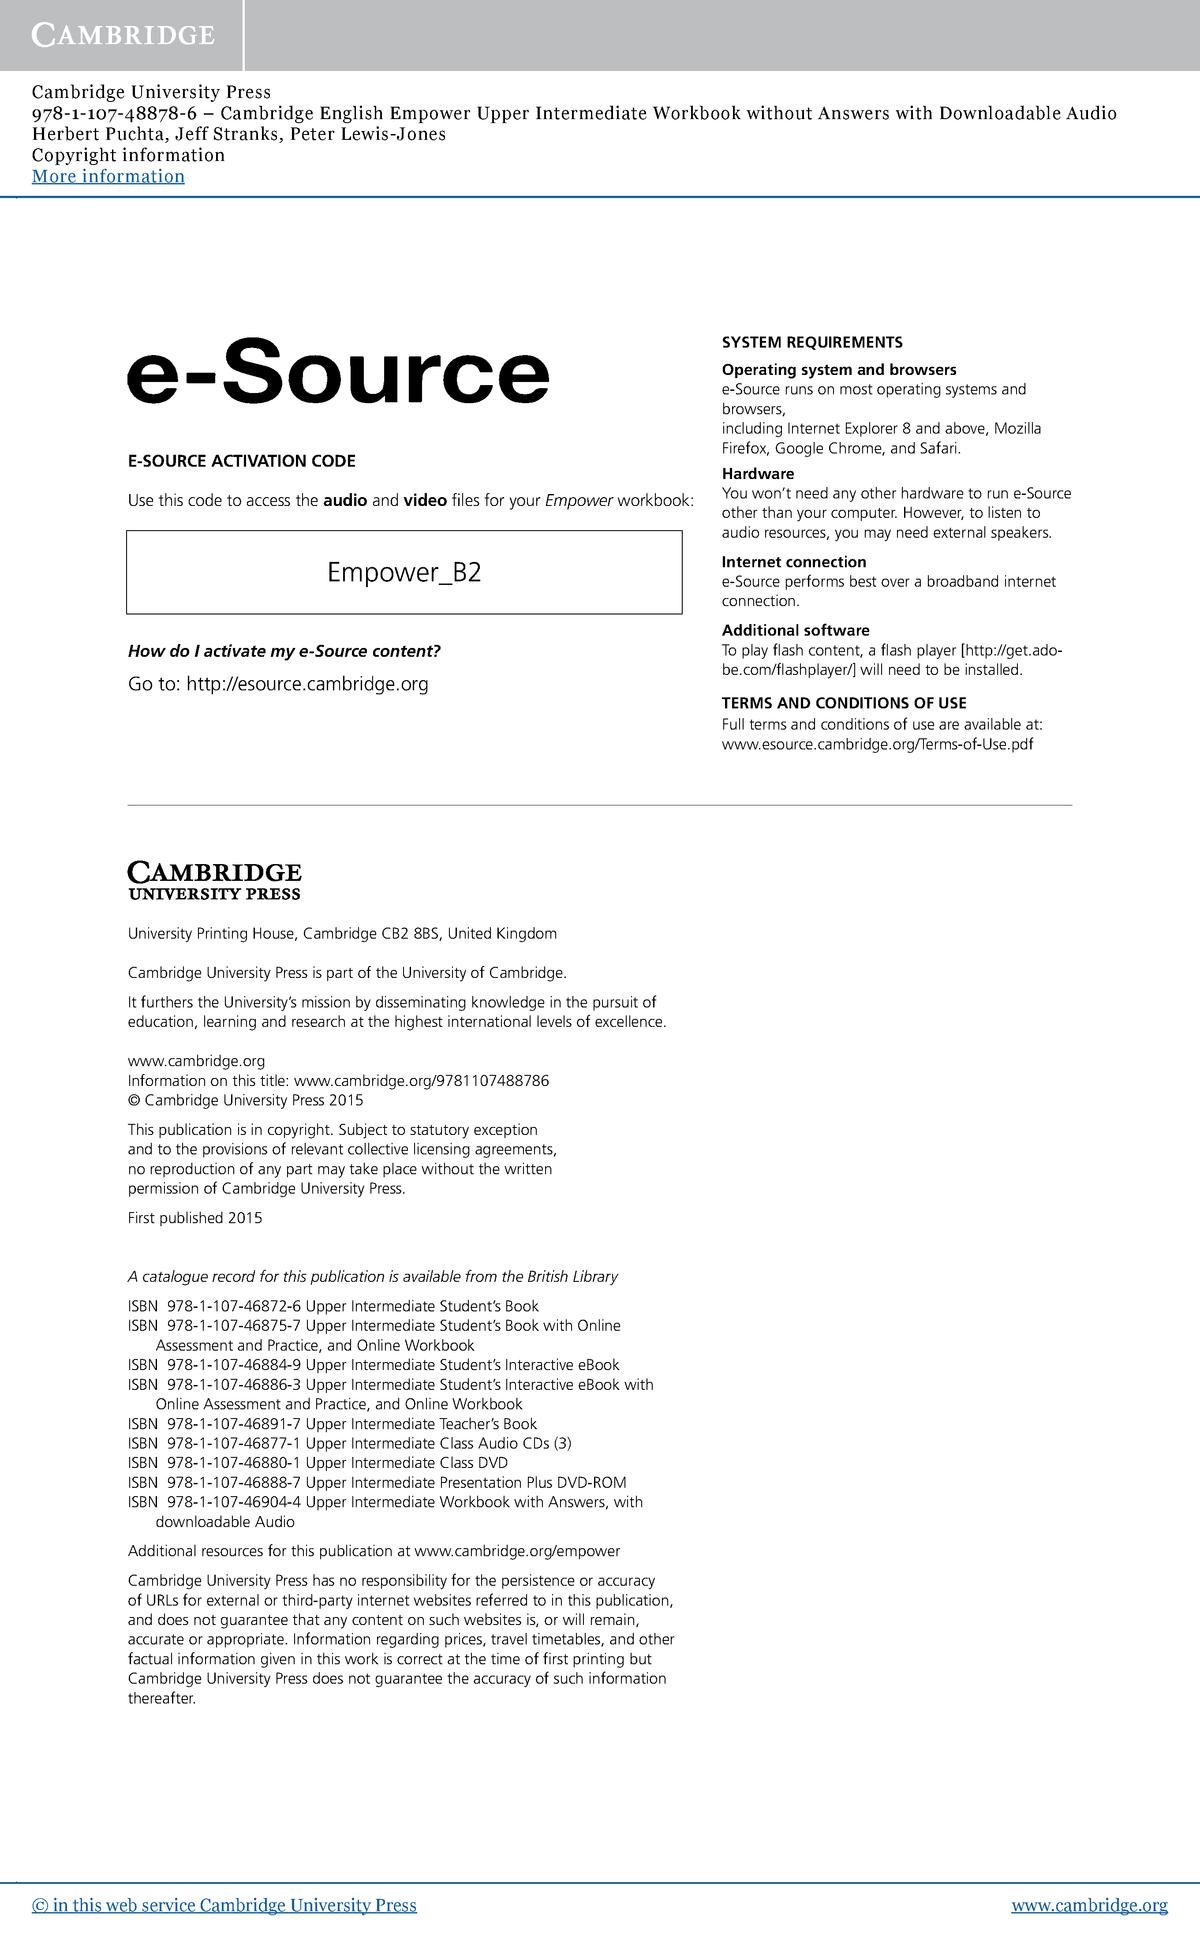 9781107488786 copyright info Cambridge - Cálculo 2 - StuDocu